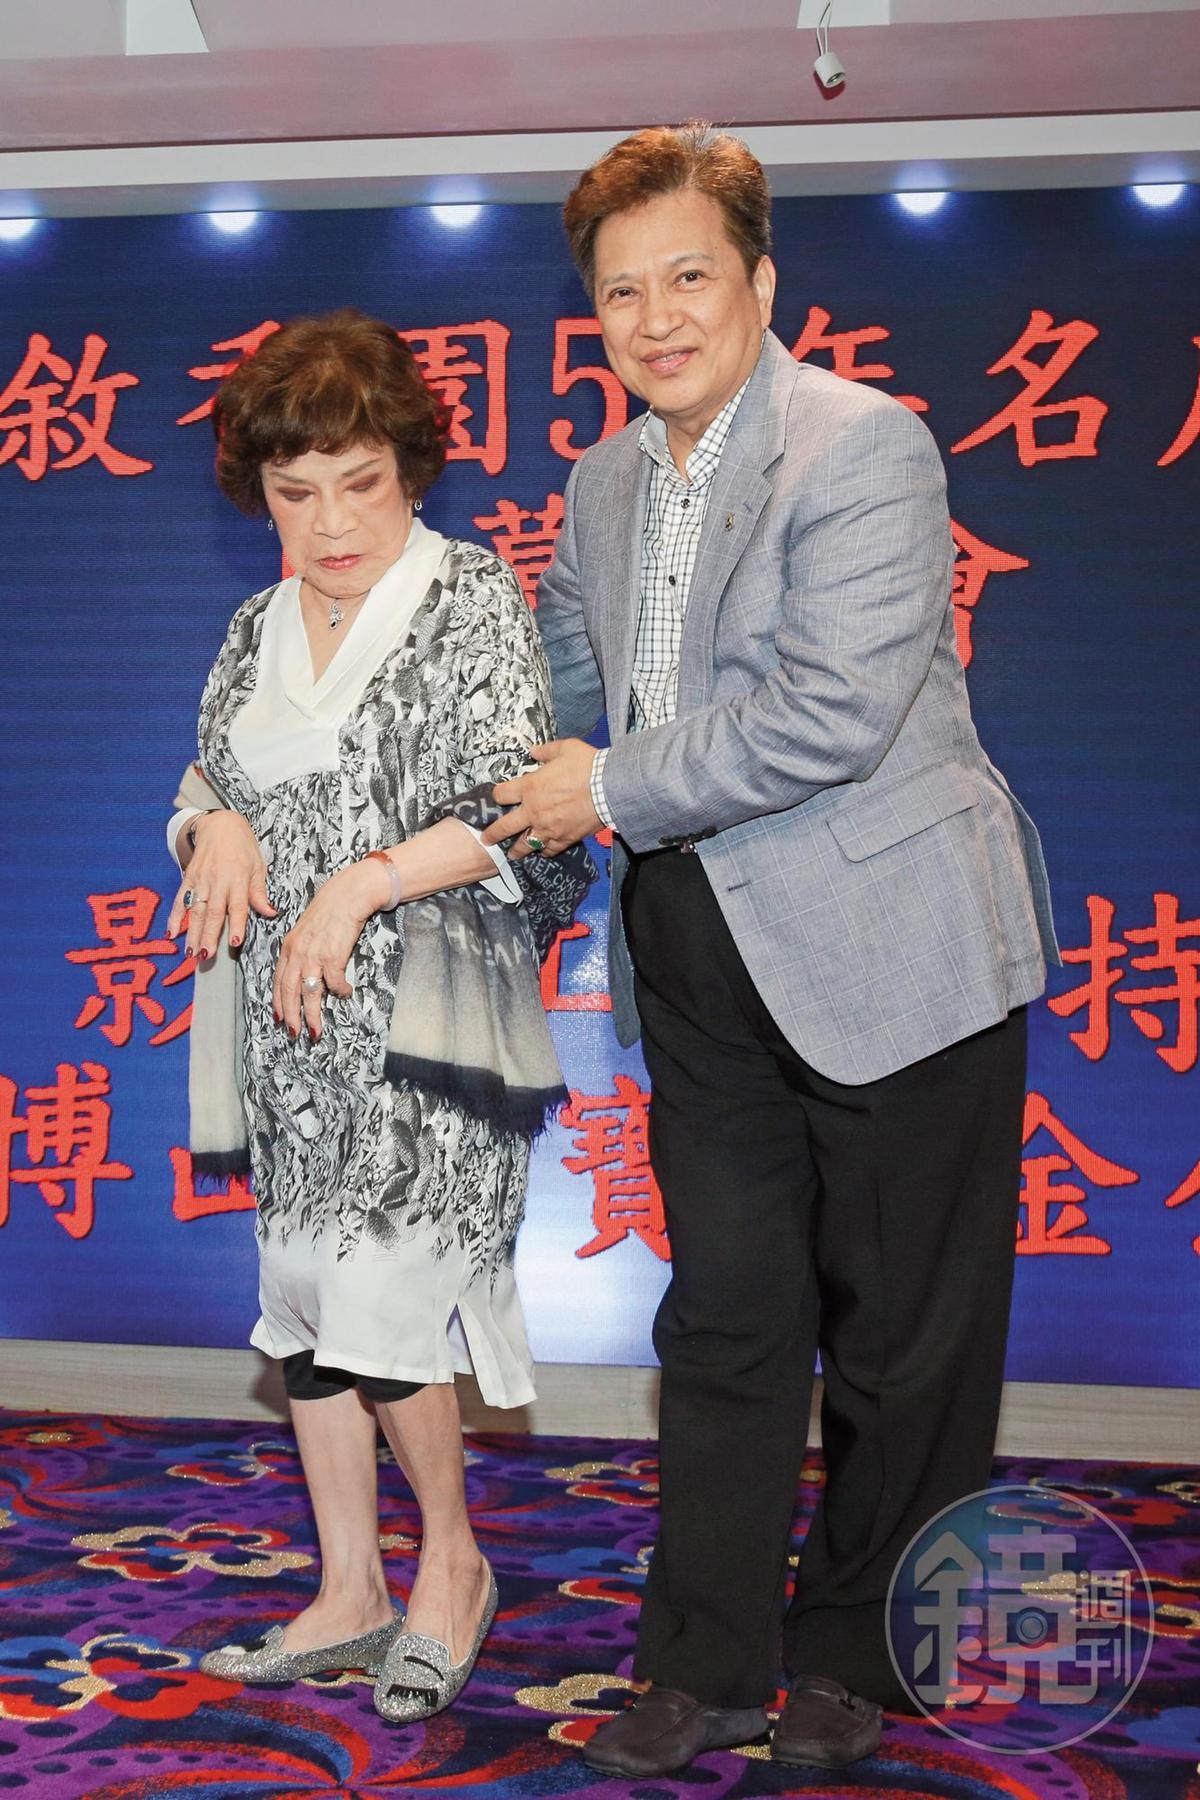 周遊(左)跟李朝永這對夫妻再度勾手恩愛現身,但感覺周遊非常擔心自己腳步有沒踩穩,李朝永則是對著鏡頭微笑比較重要。